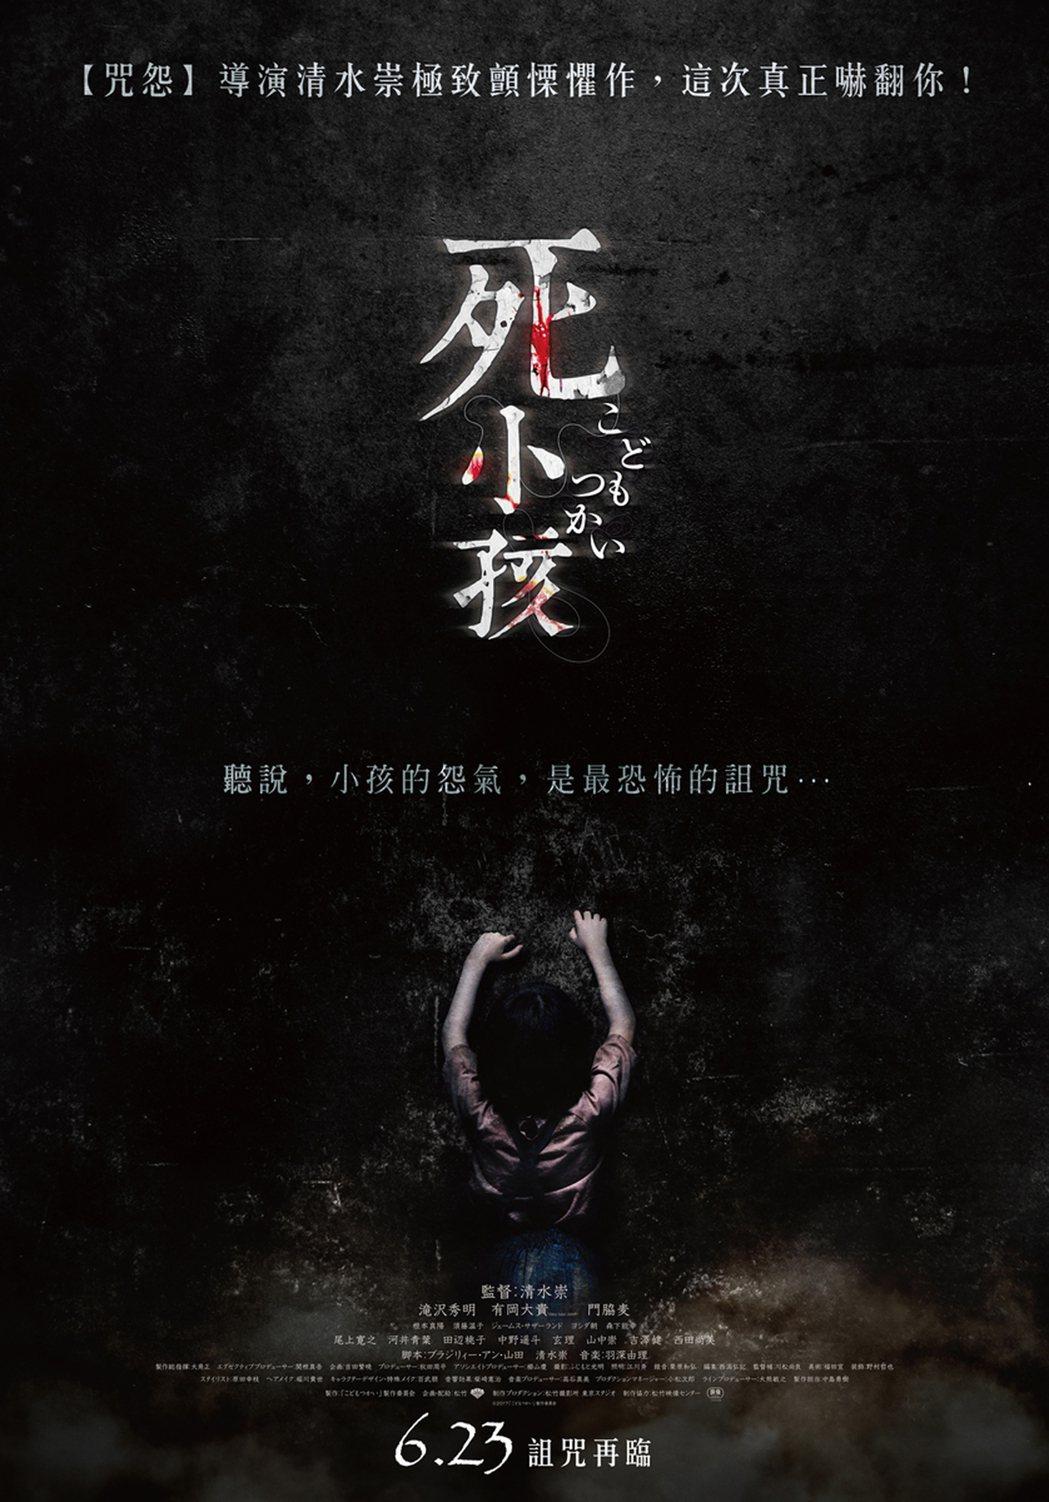 恐怖片「死小孩」由「咒怨」導演清水崇操刀,瀧澤秀明逆轉形象,戲中角色恐怖瘋狂。